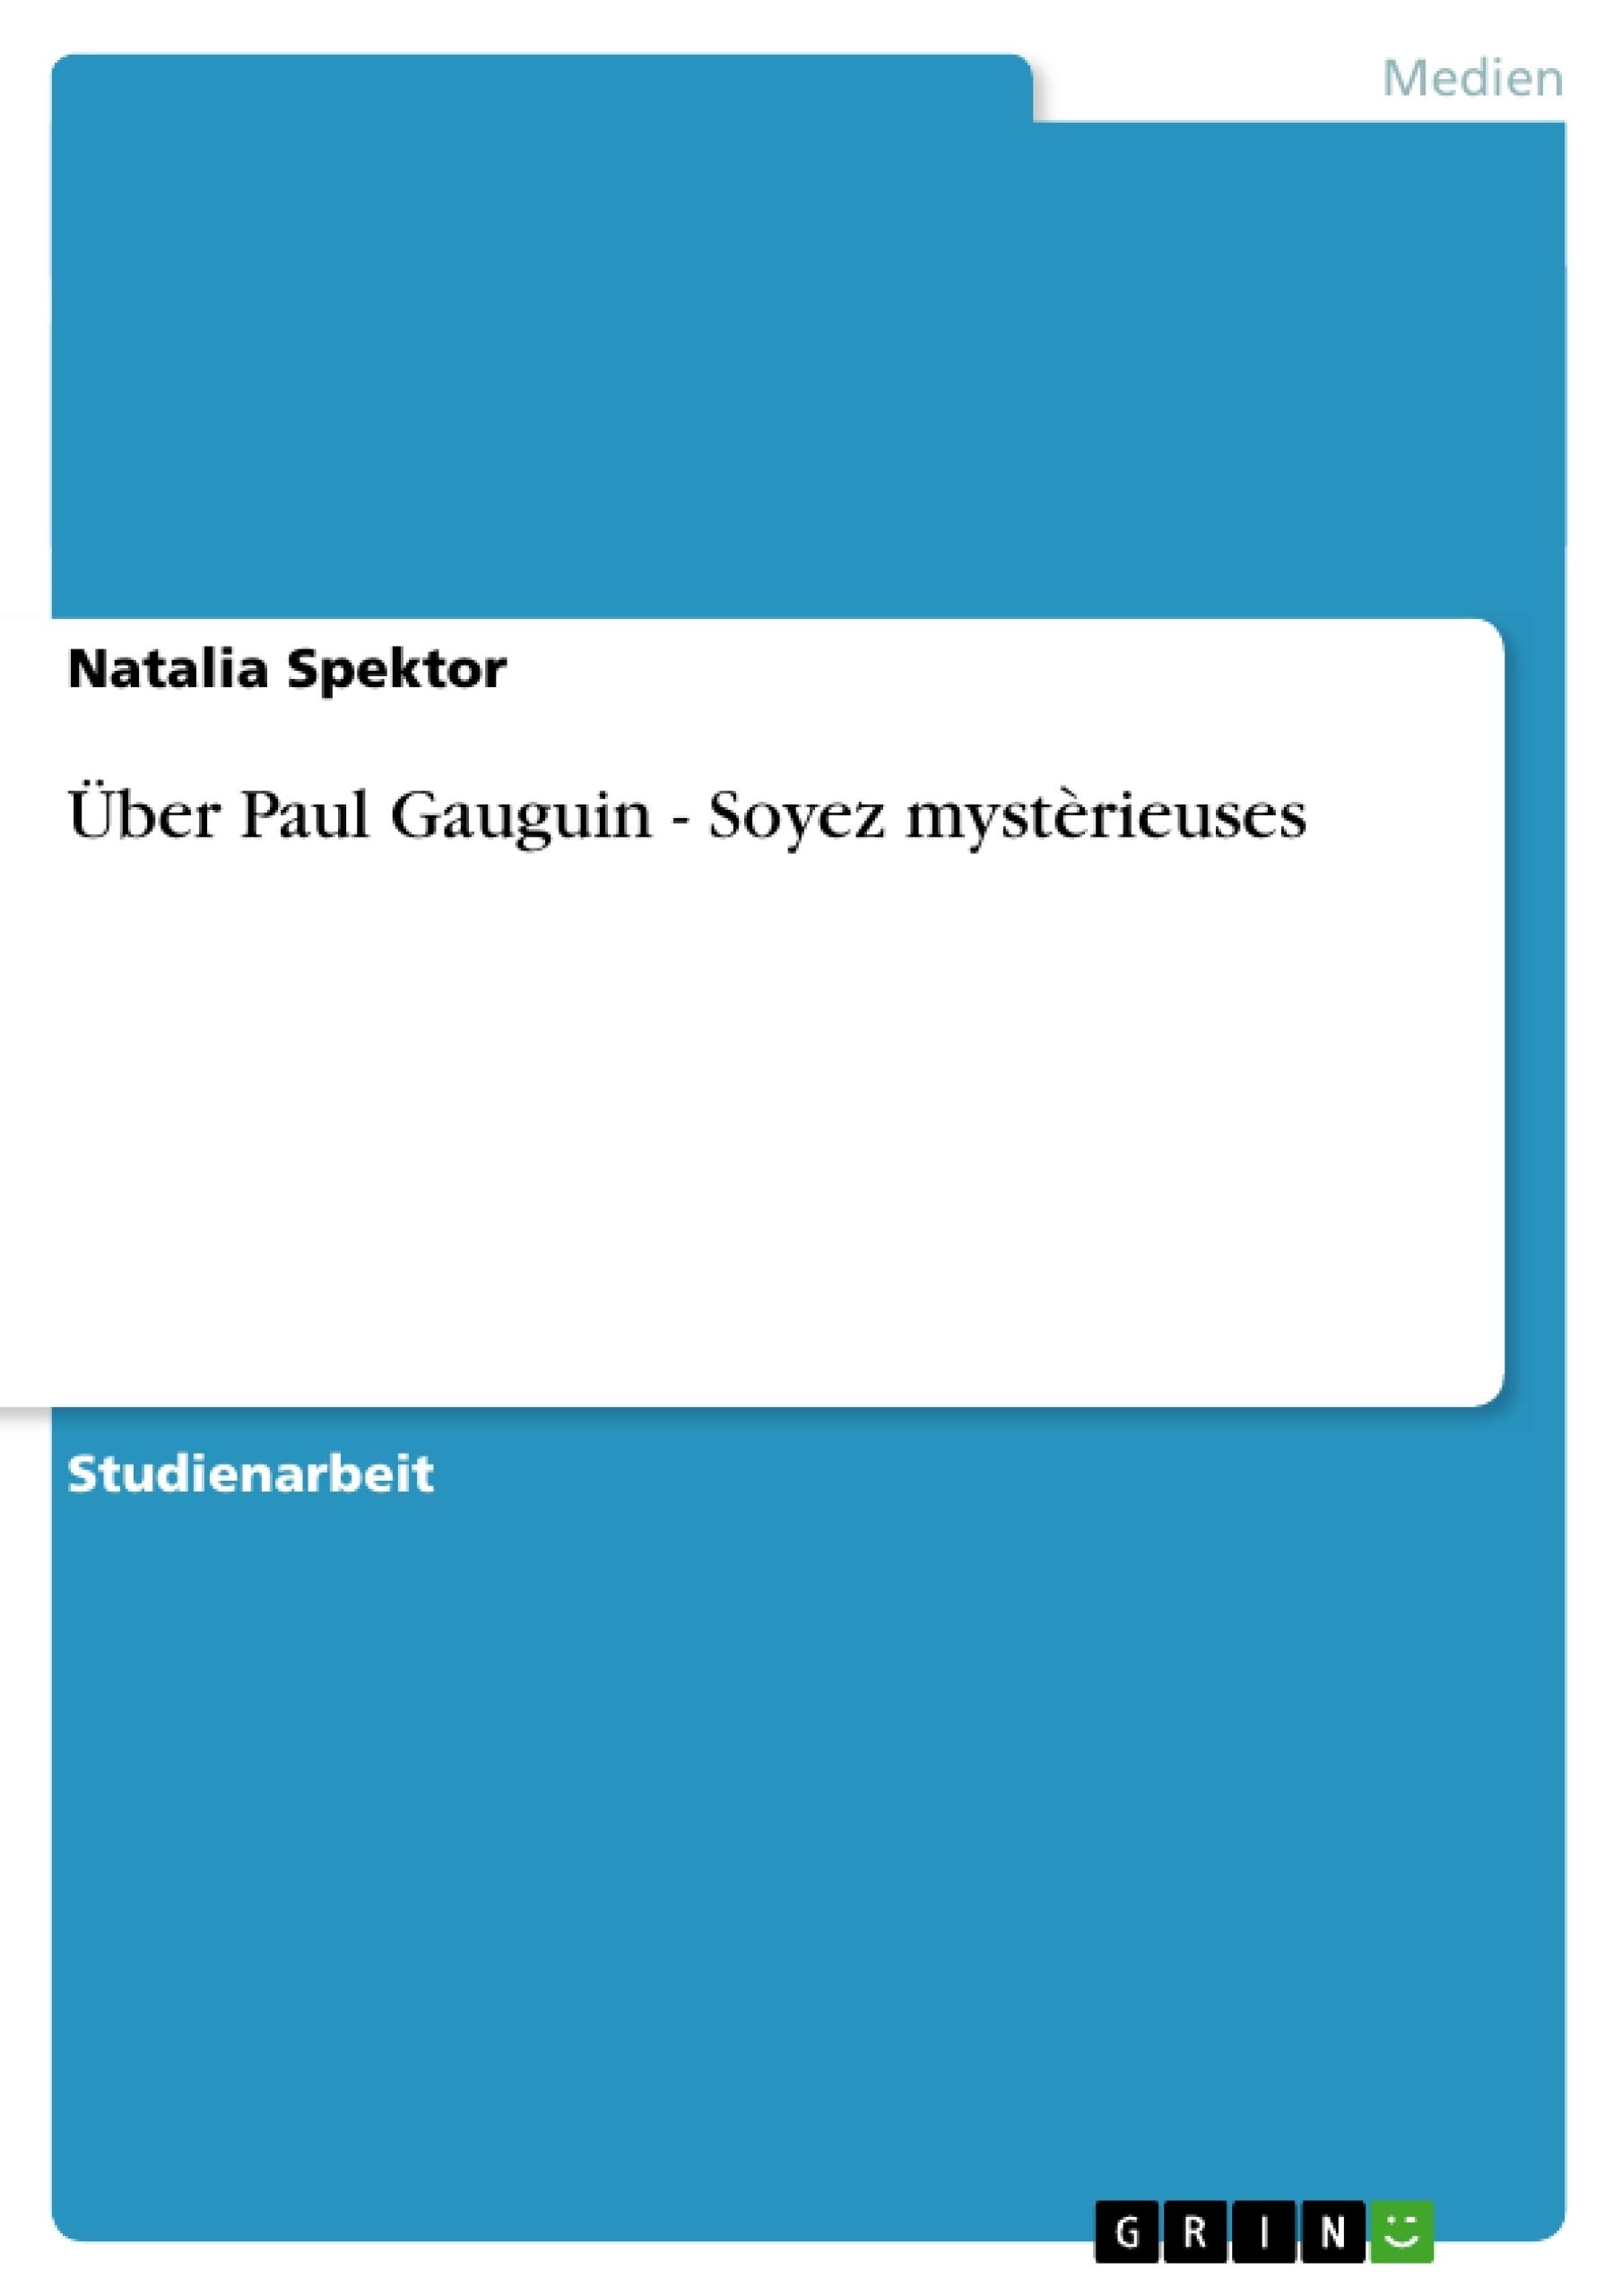 Titel: Über Paul Gauguin - Soyez mystèrieuses